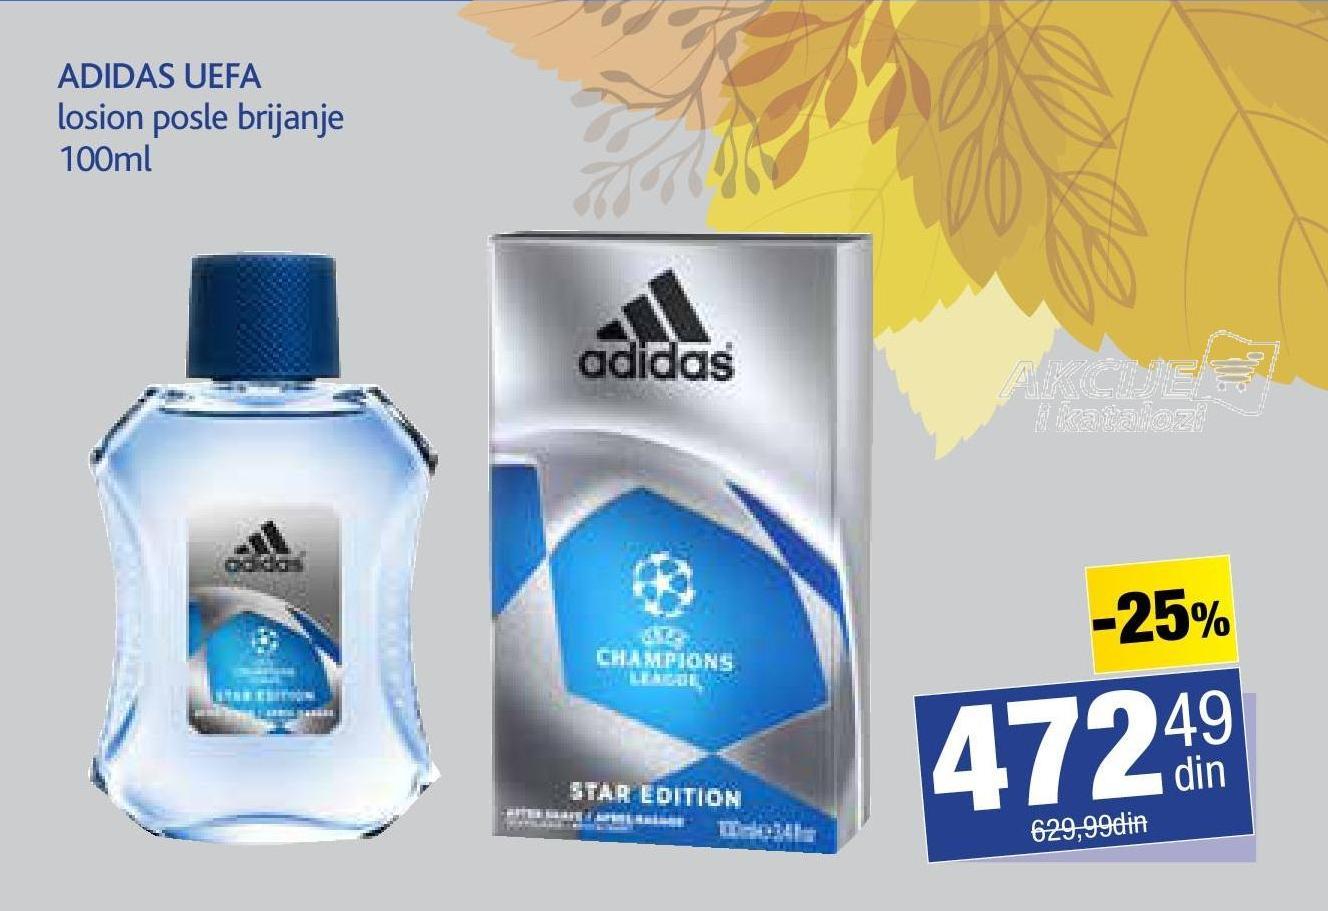 Losion posle brijanja UEFA